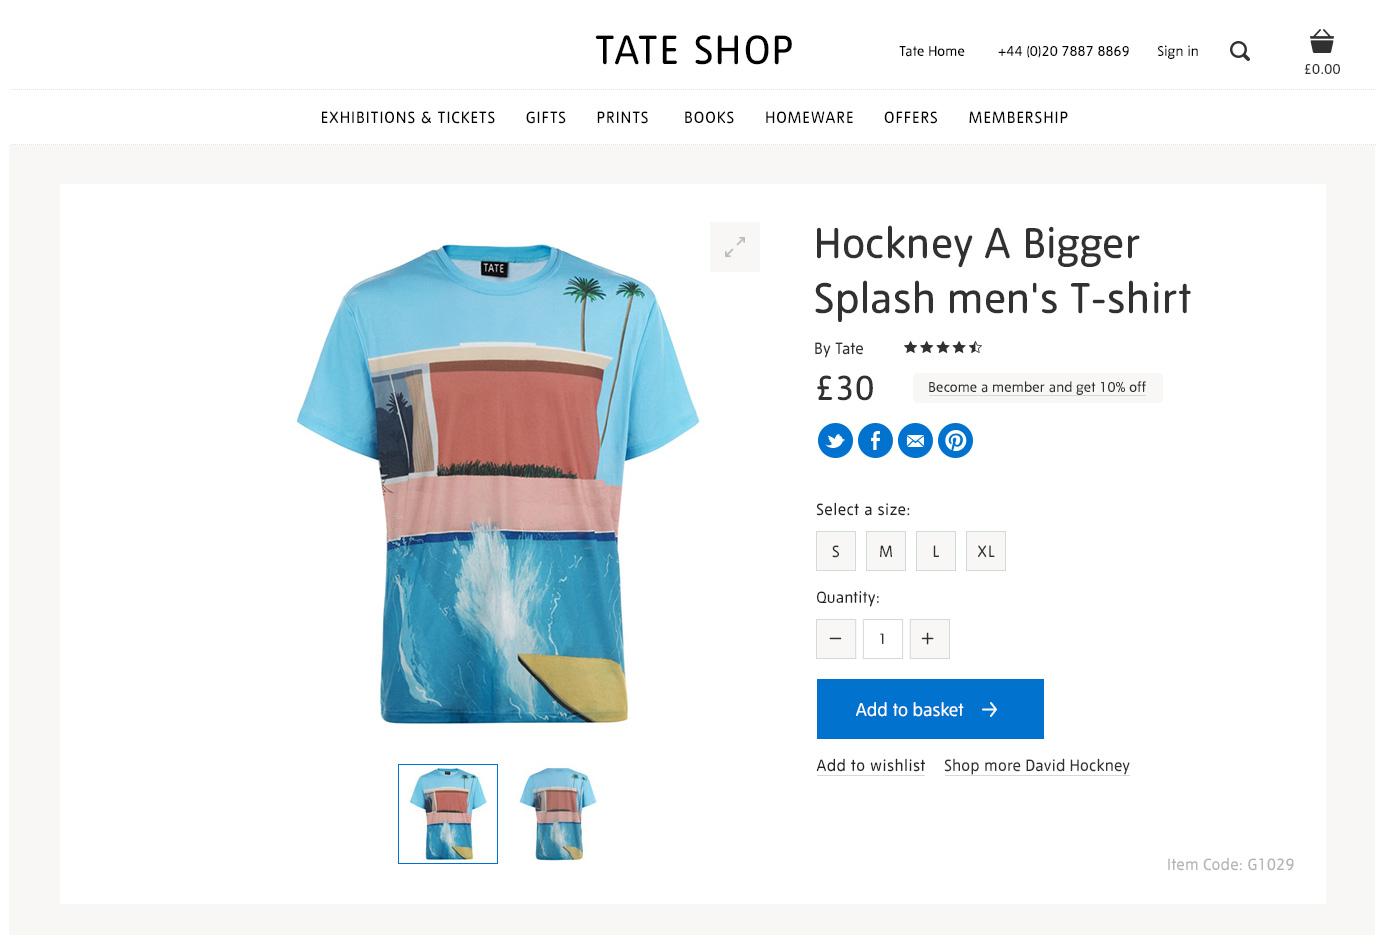 Tate-Shop-David-Hockney-PDP